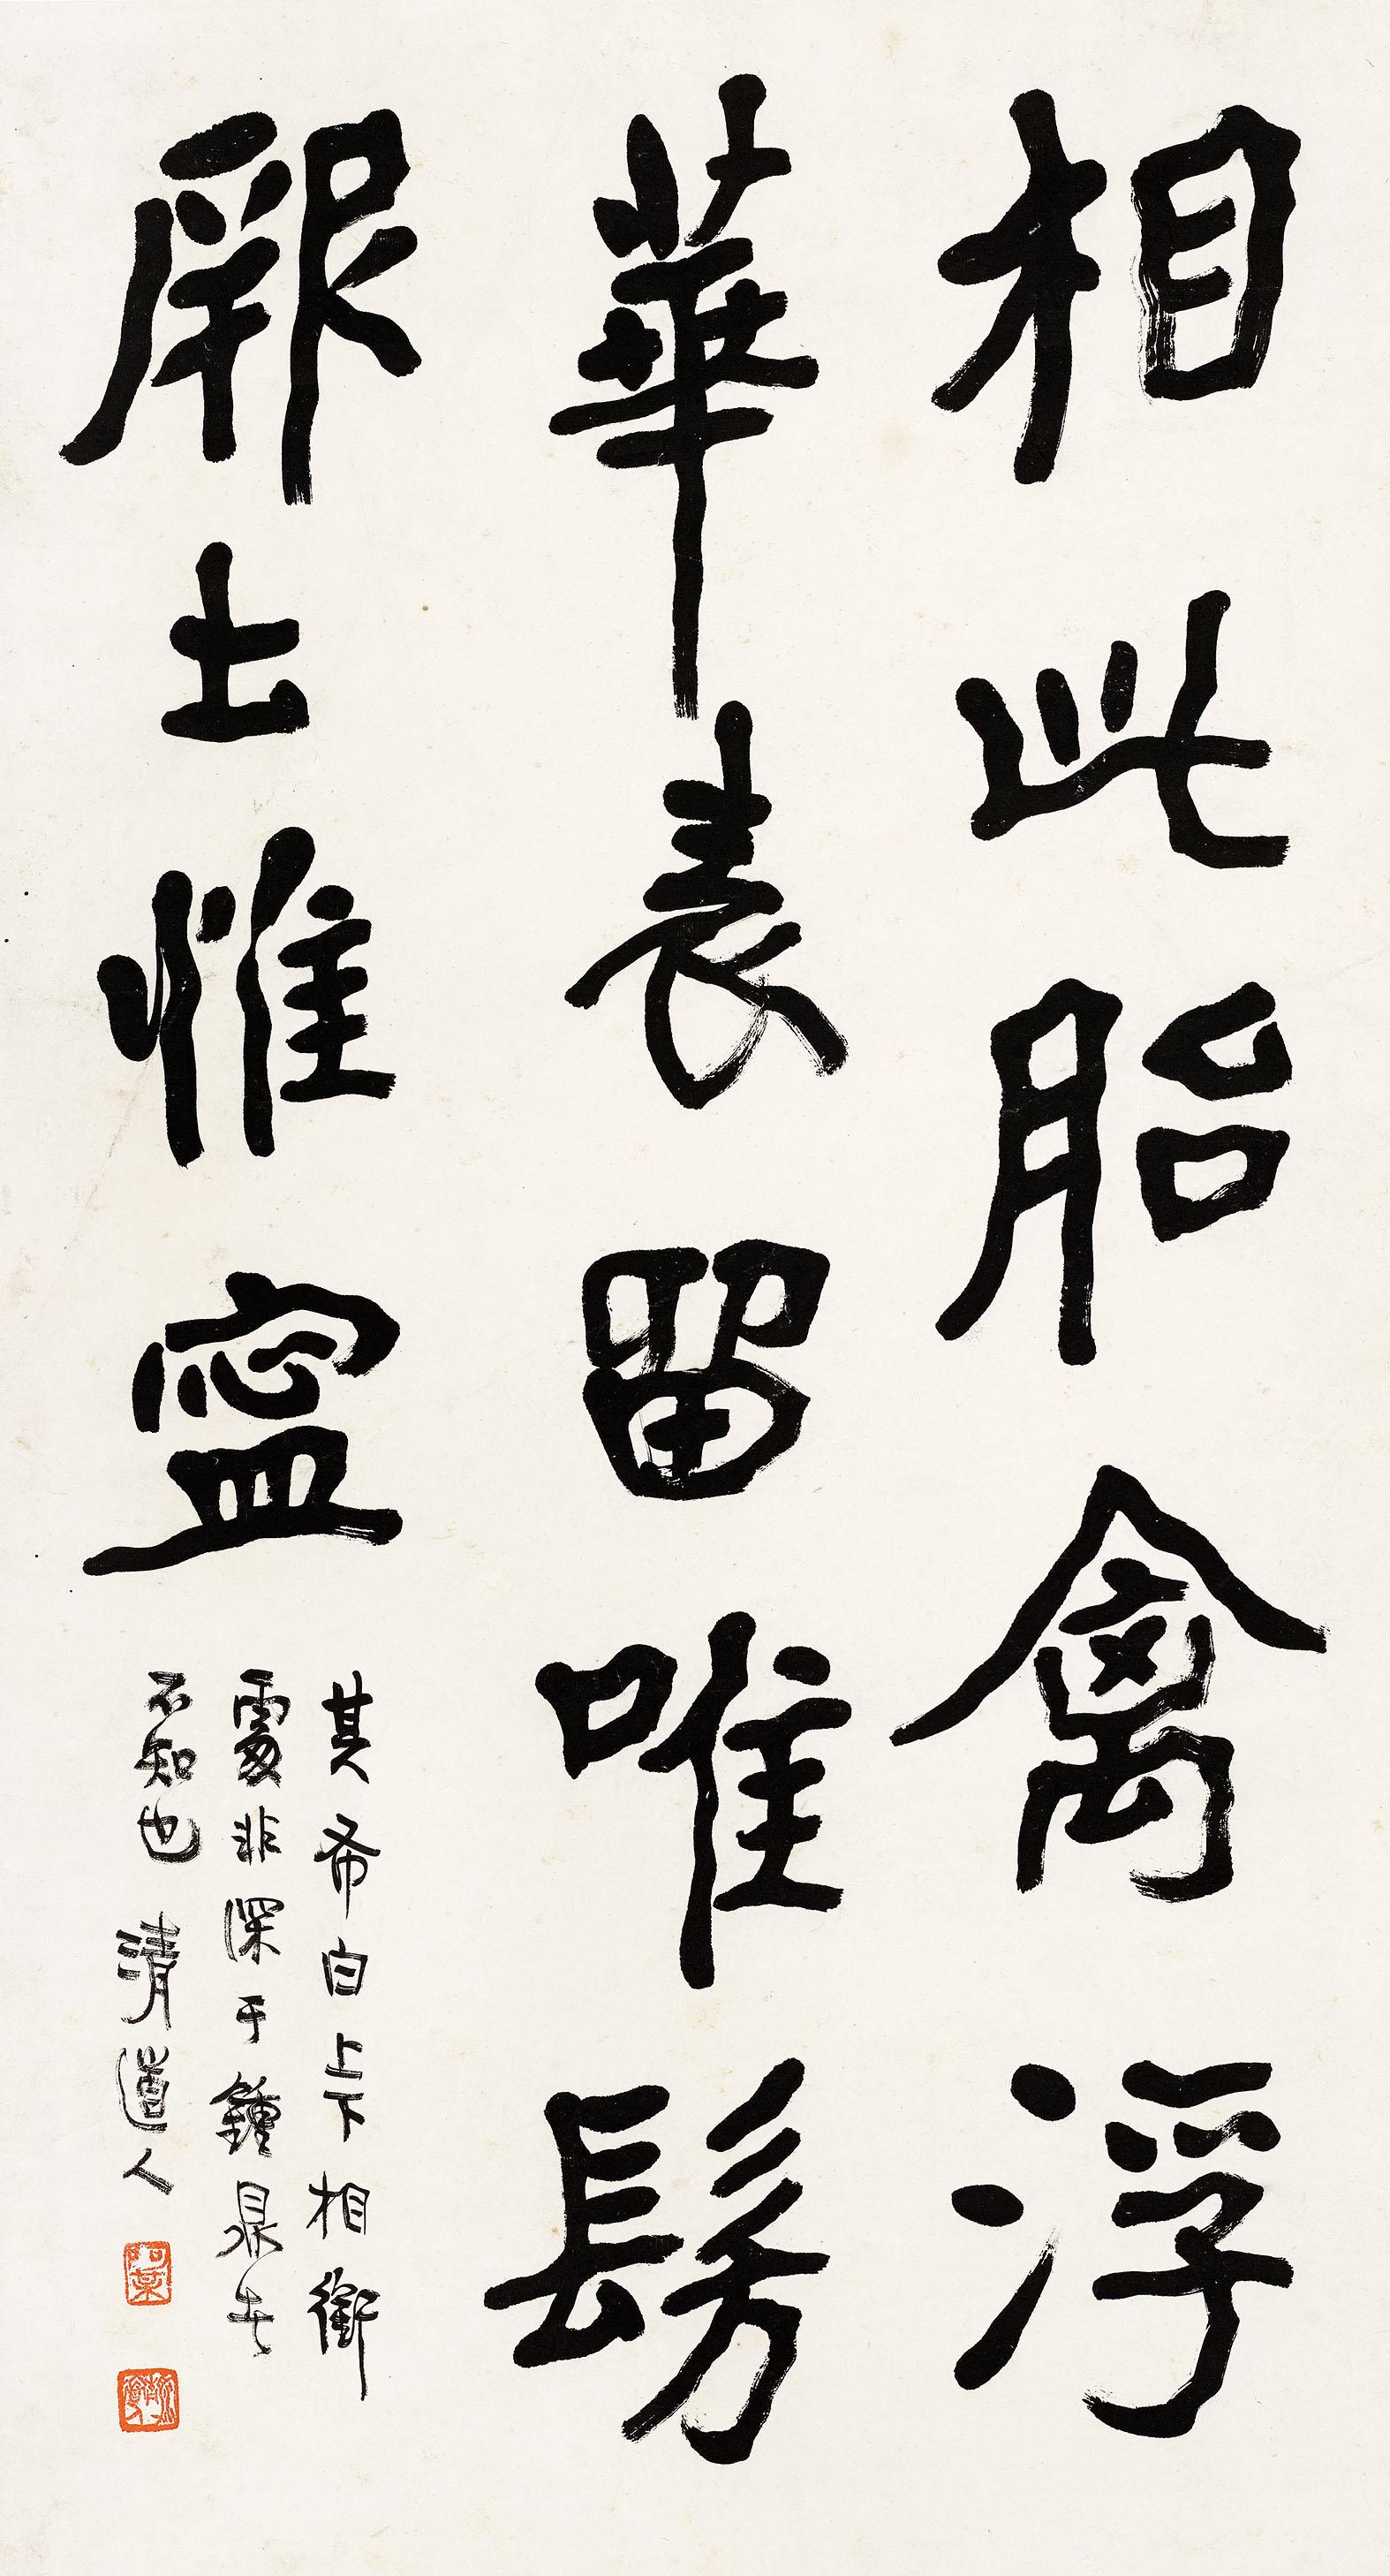 李瑞清-行书临瘗鹤铭拍卖预展